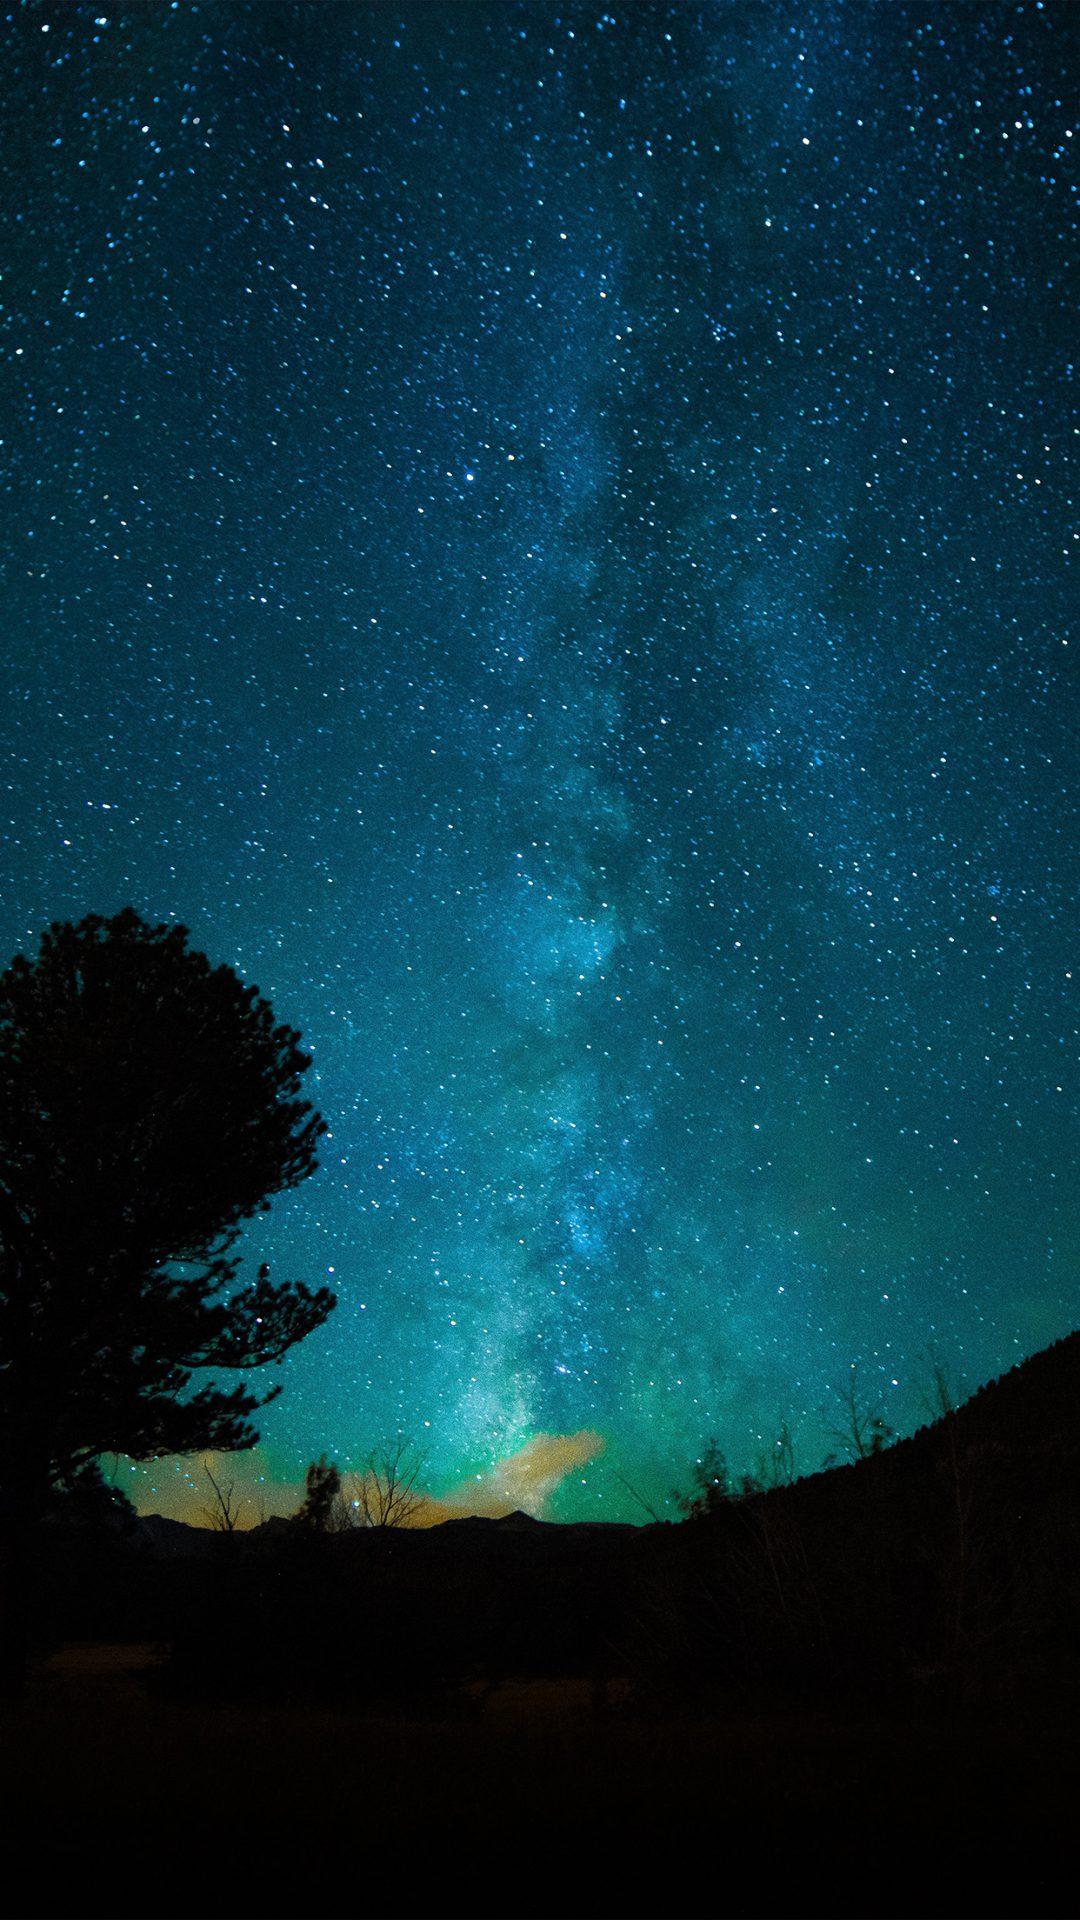 Aurora Night Sky Star Space Nature Dark